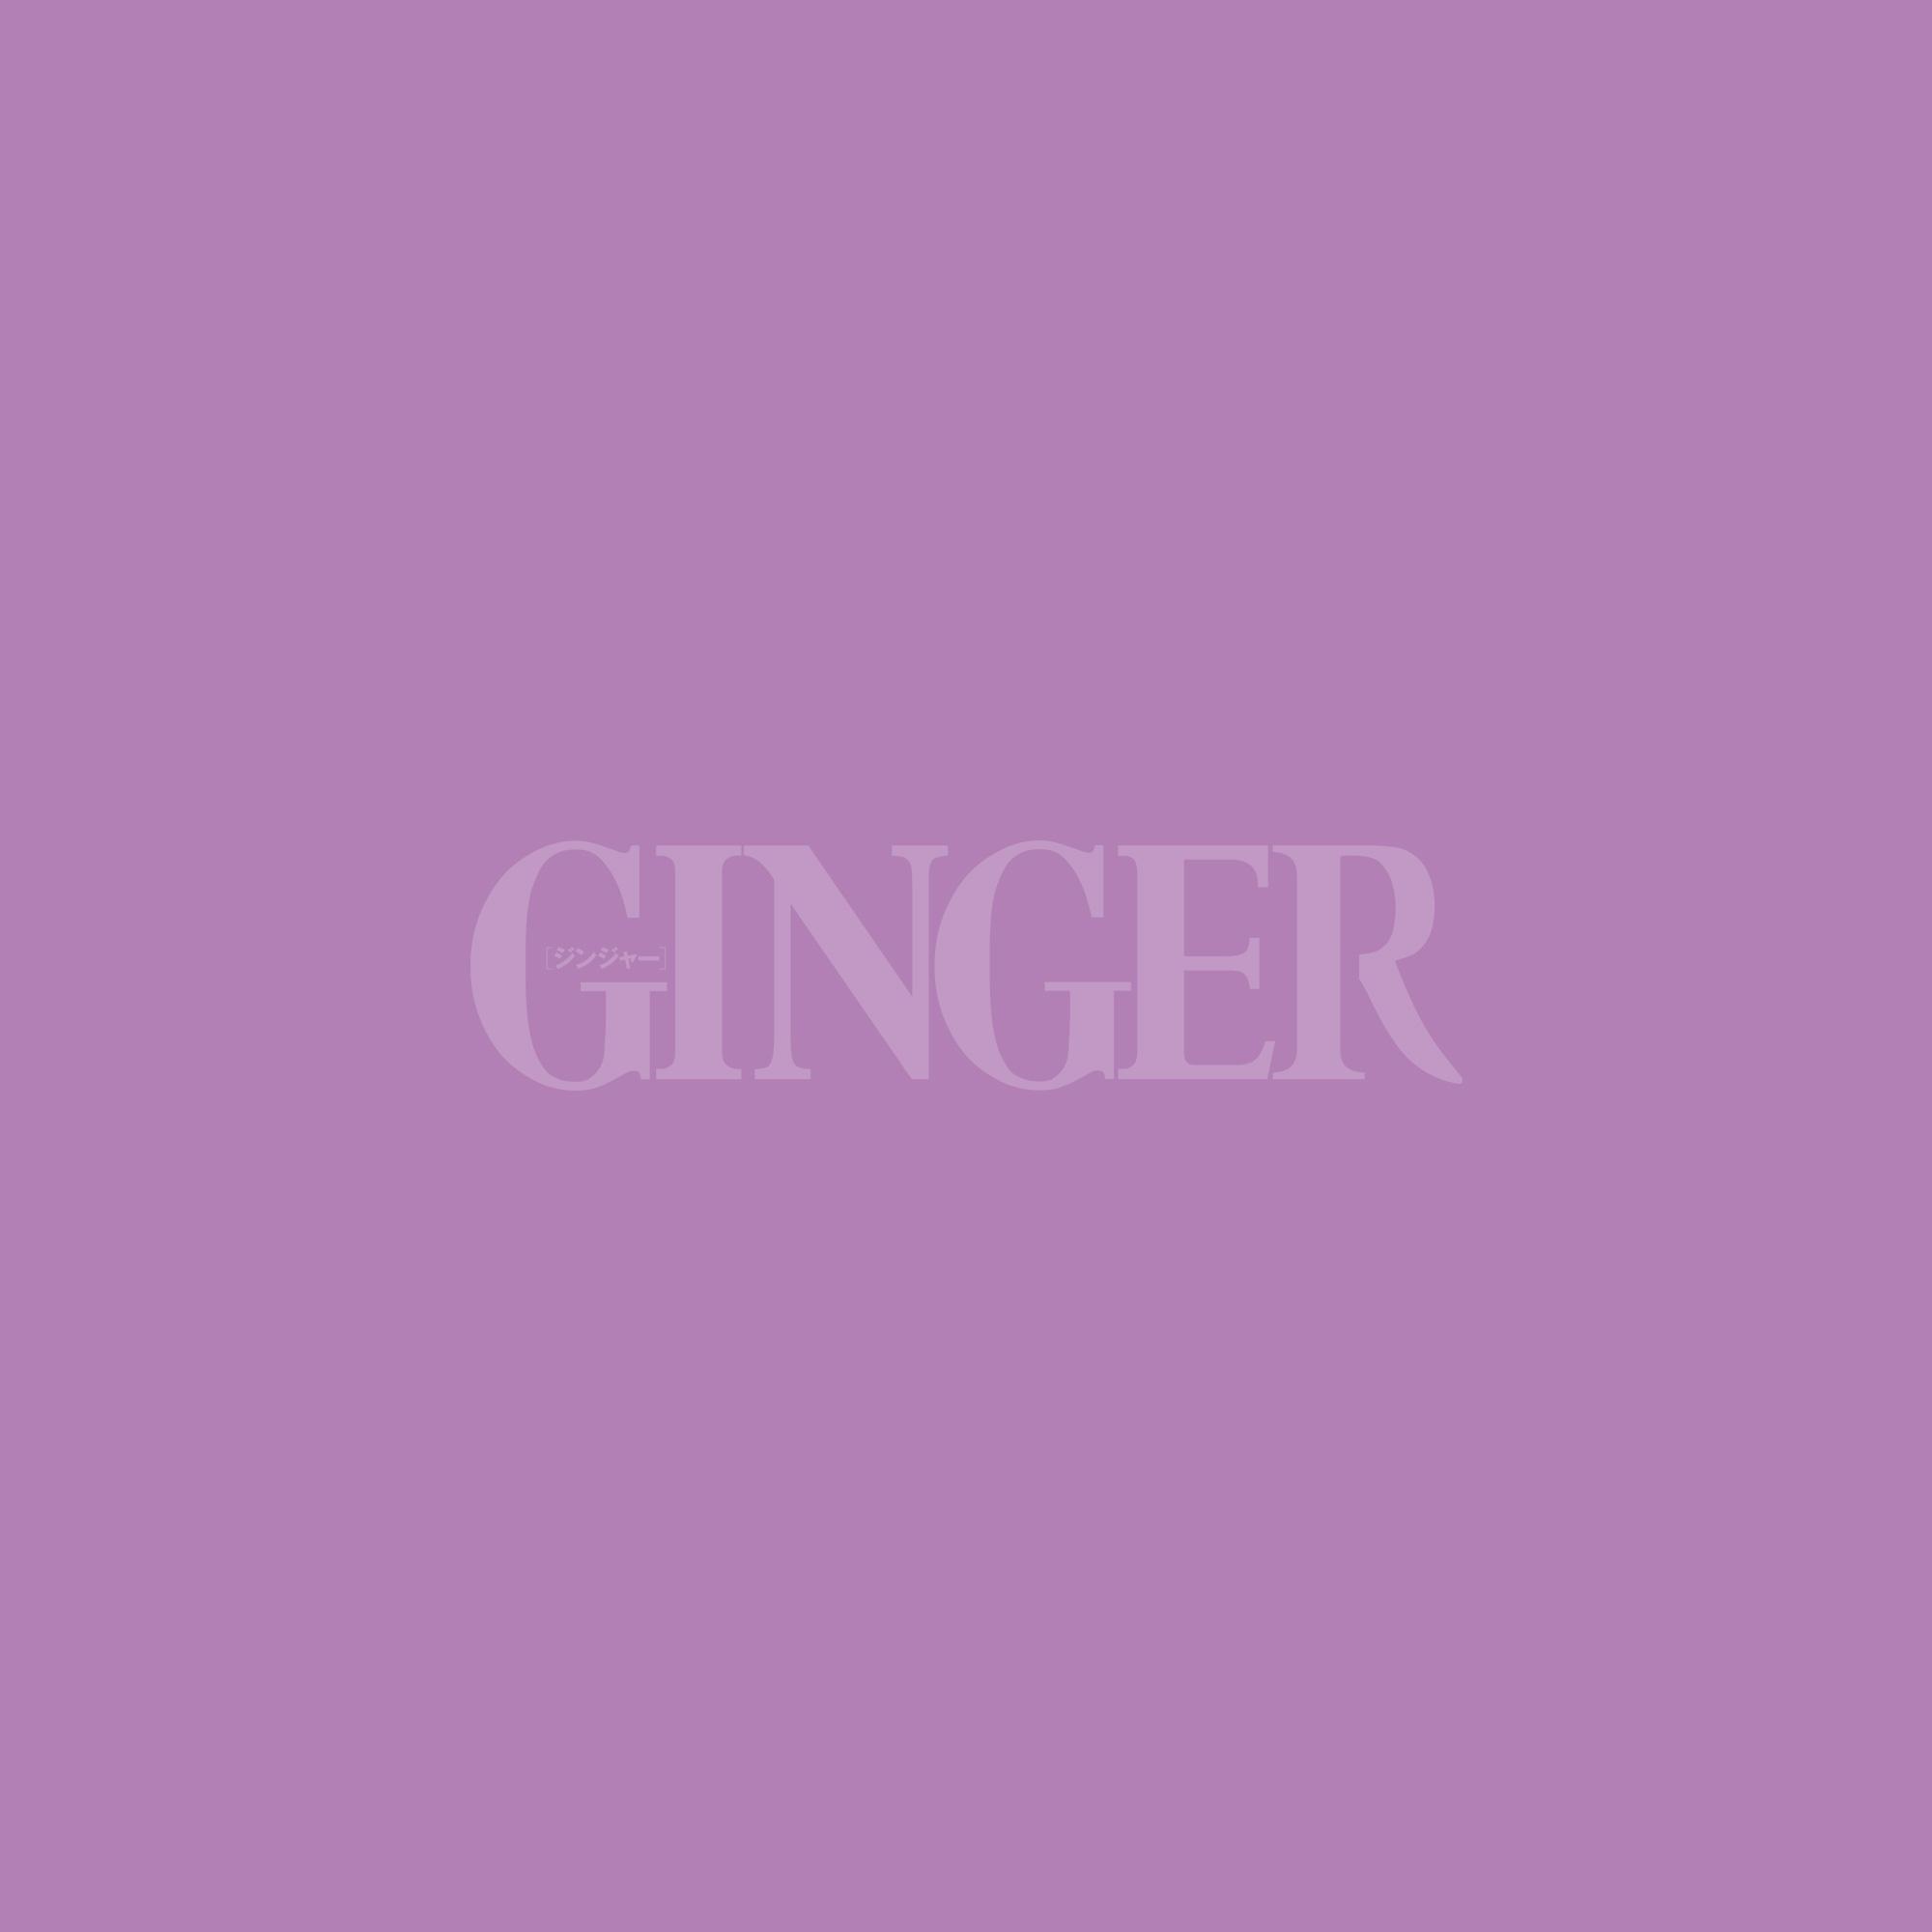 ファッション雑誌GINGER7月発売号掲載のお知らせ